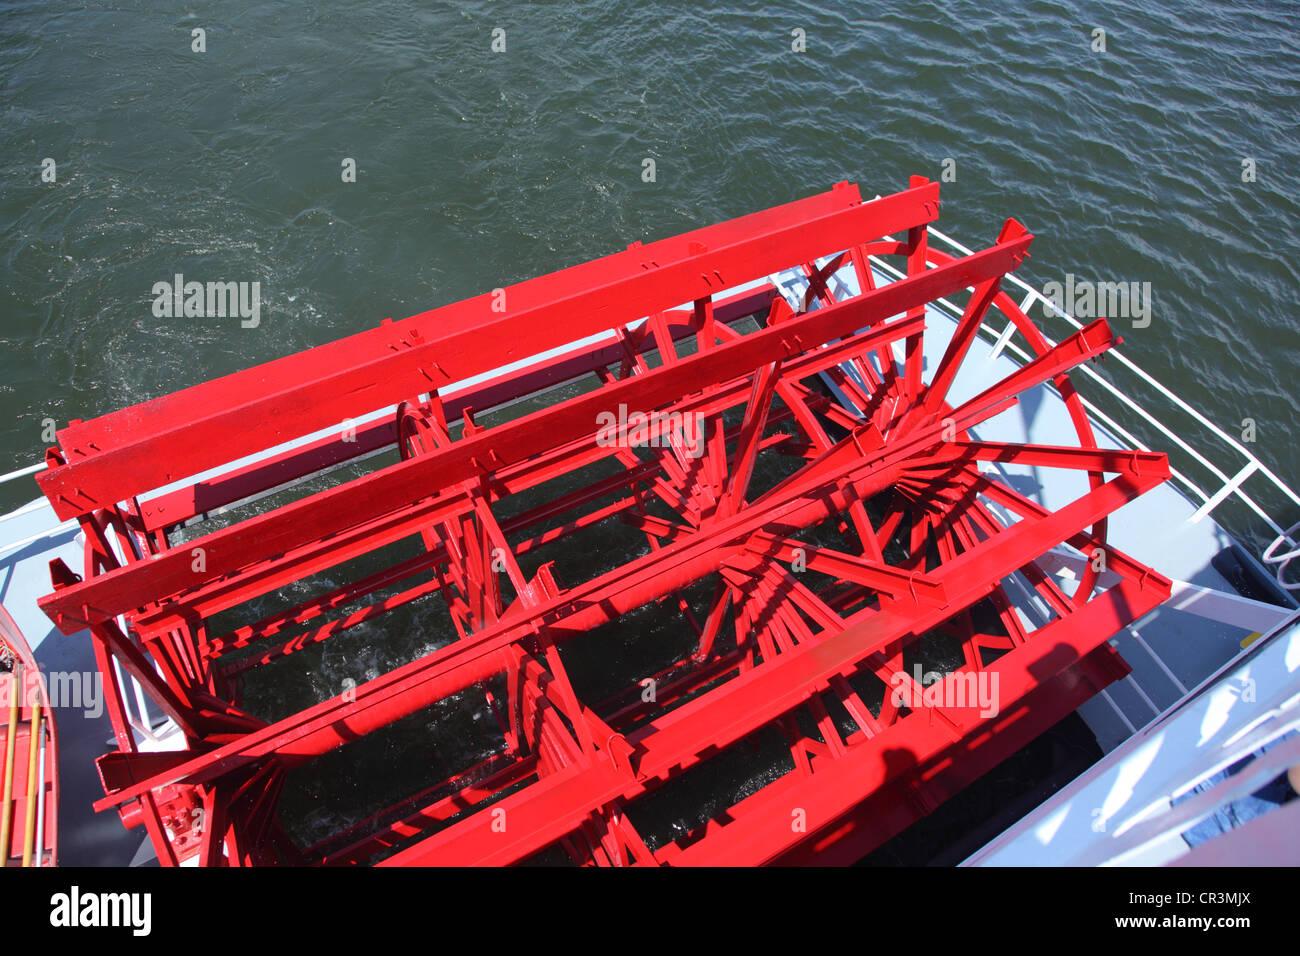 Bateau à roue radiale détail Photo Stock